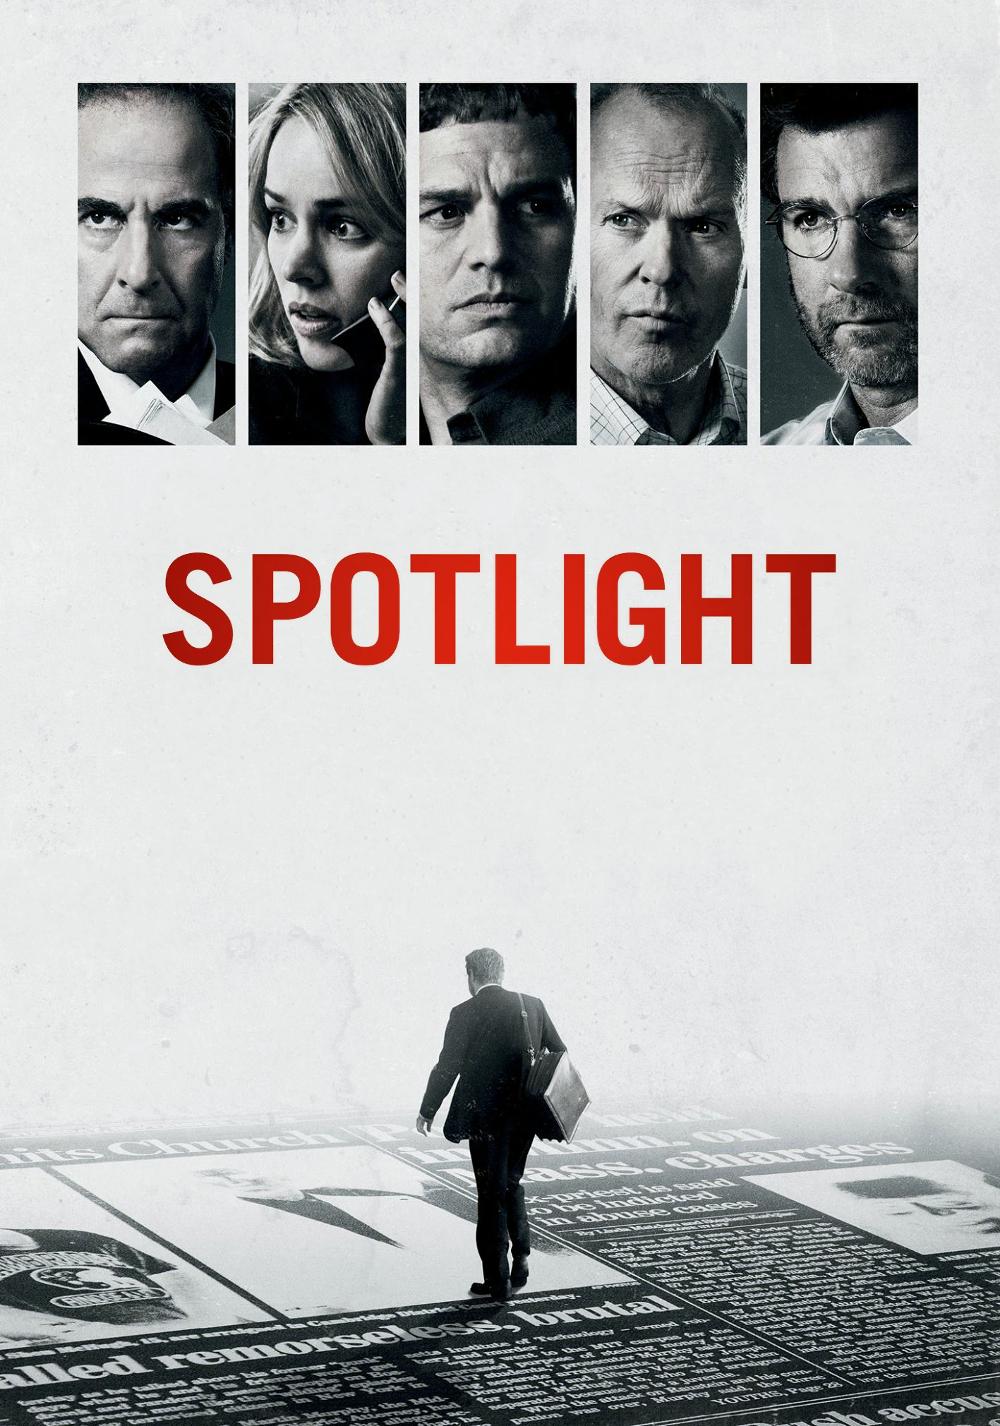 Spotlight Film